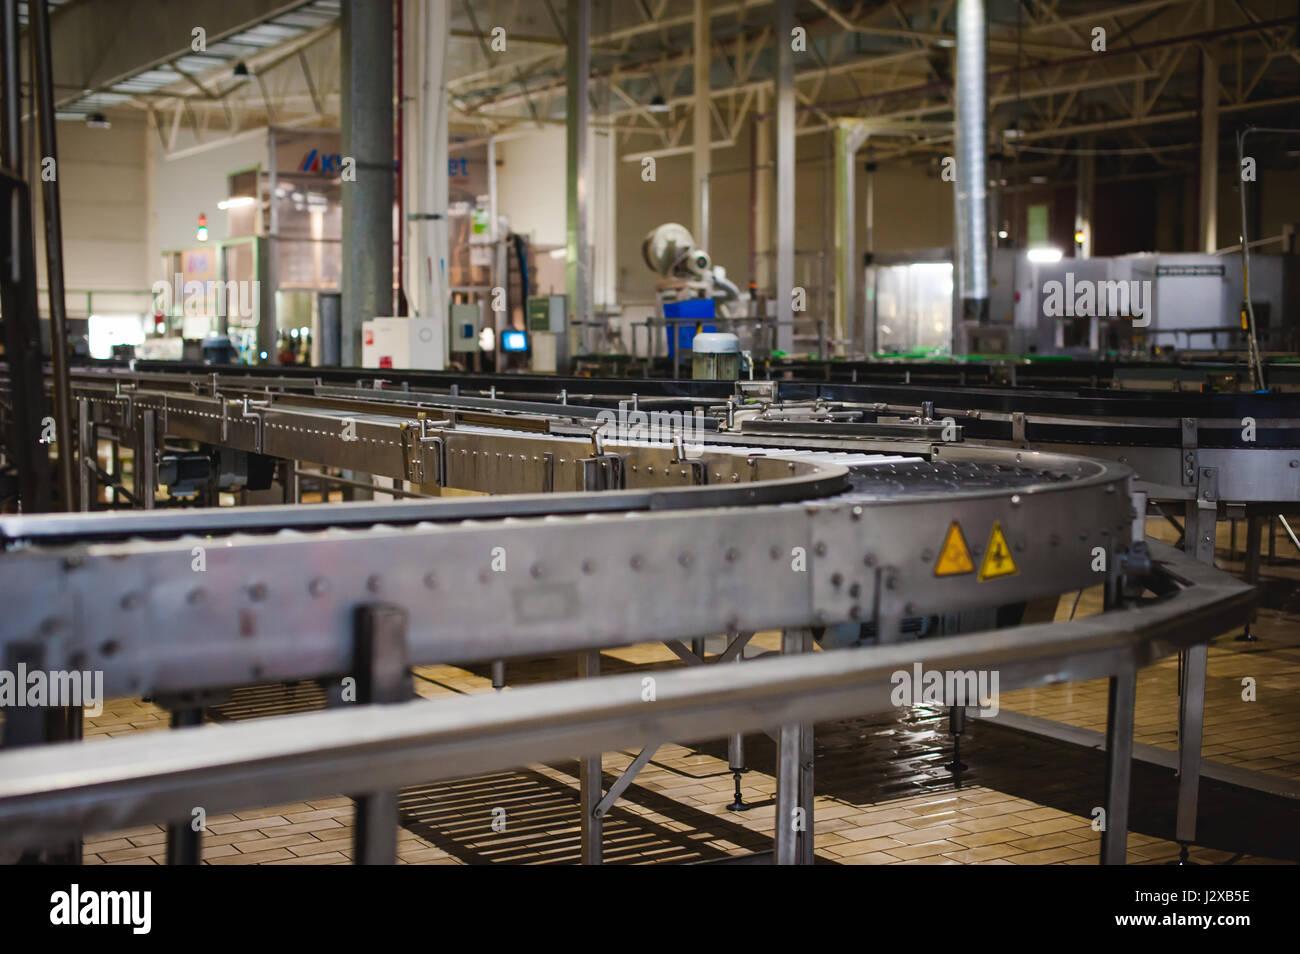 Ligne de production de bière. L'équipement pour la production et la mise en bouteille du produit fini. Appareil technologique industrielle spéciale à l'usine Banque D'Images